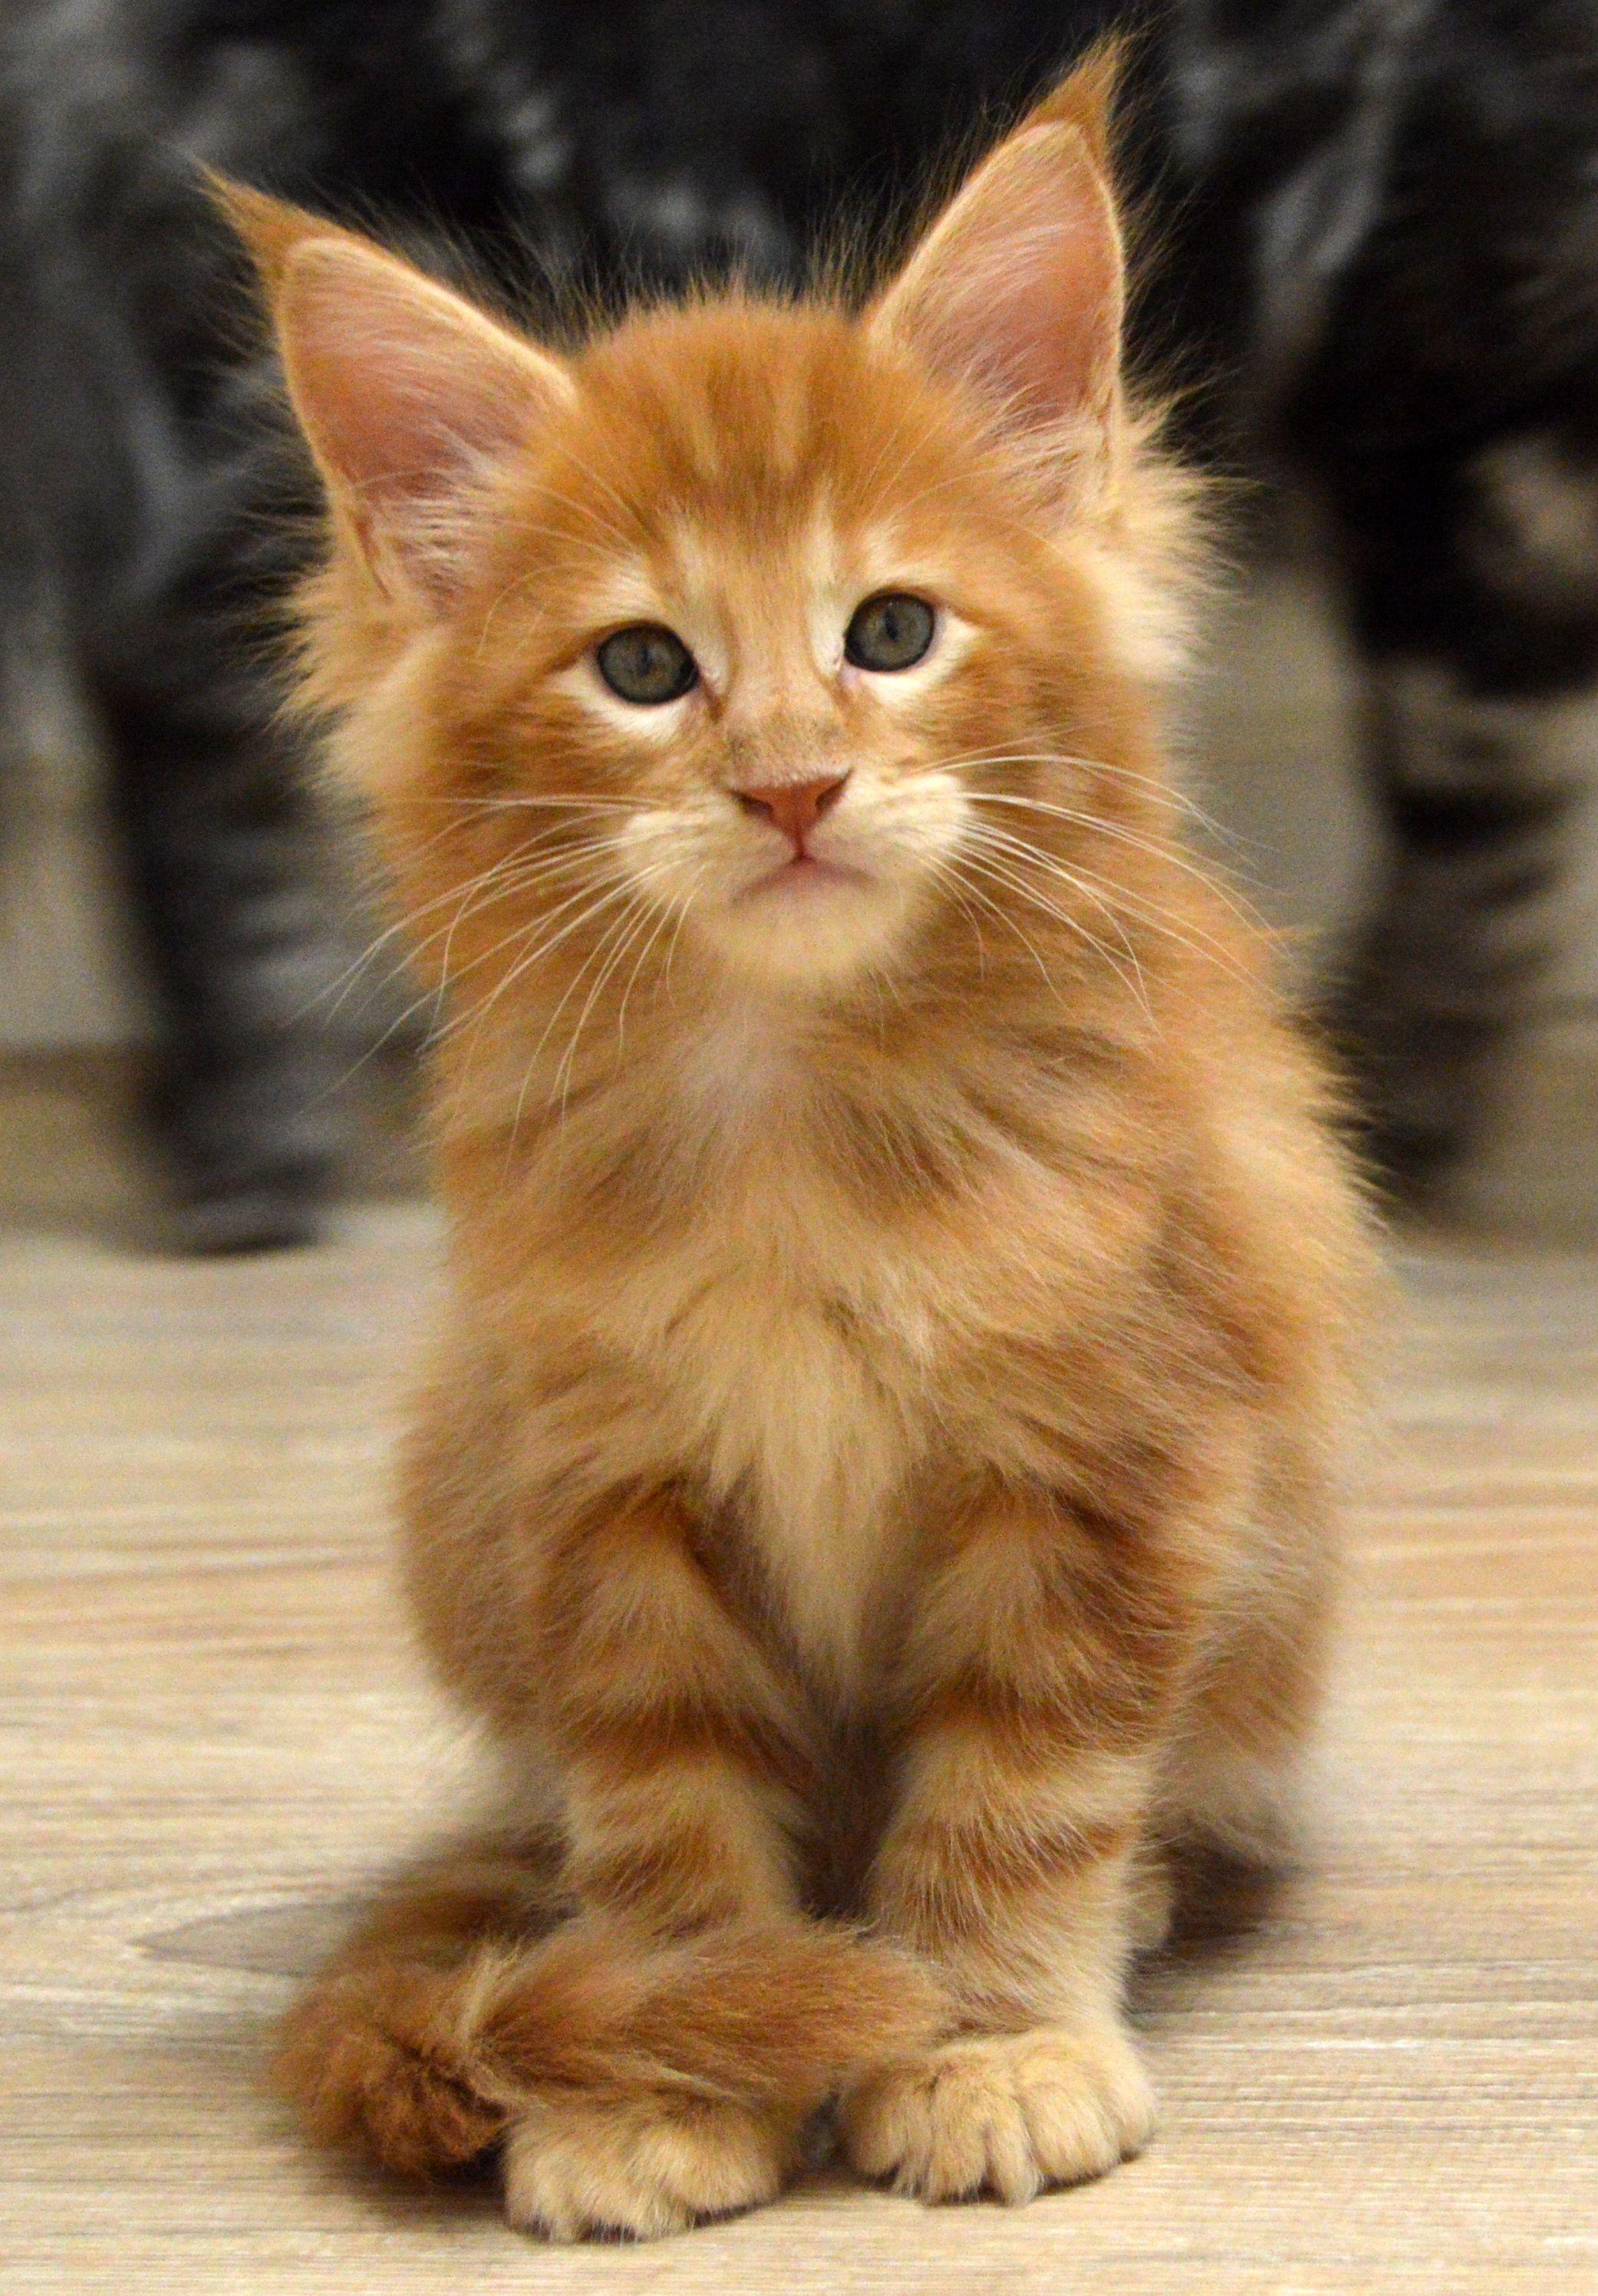 Котенок мейн кун Montaro Darsy Angora cats, Turkish